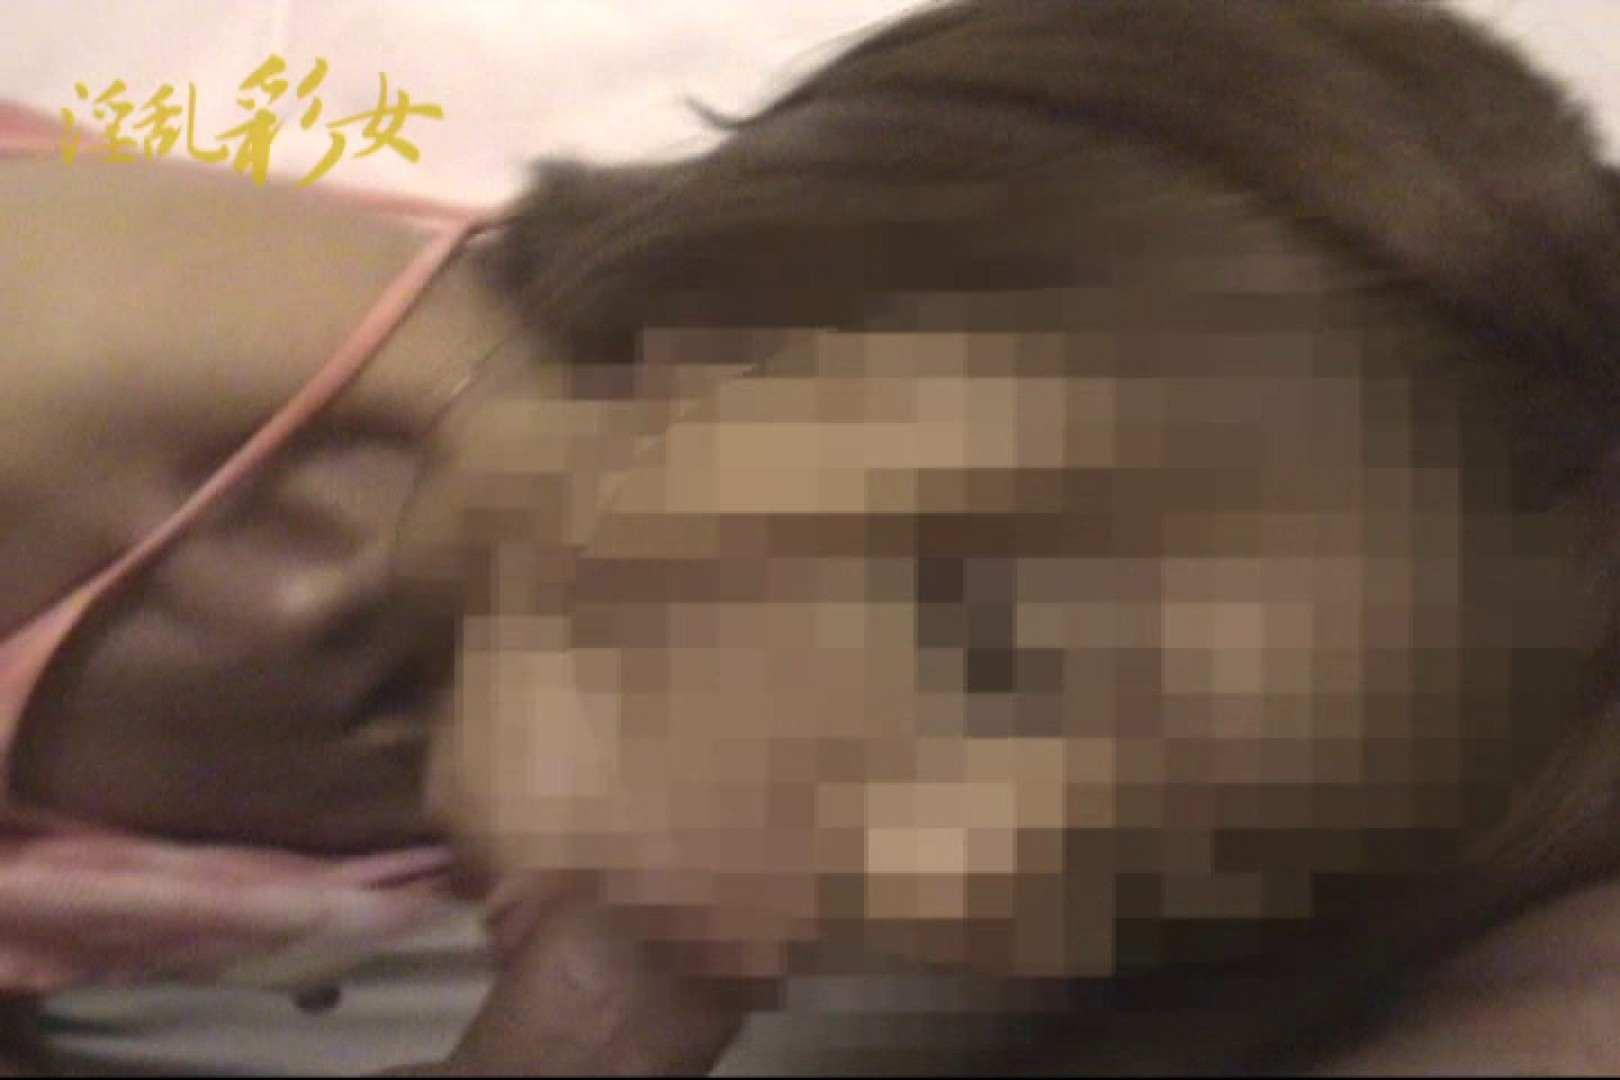 淫乱彩女 麻優里 貸出しの後で フェラ AV無料動画キャプチャ 104pic 8